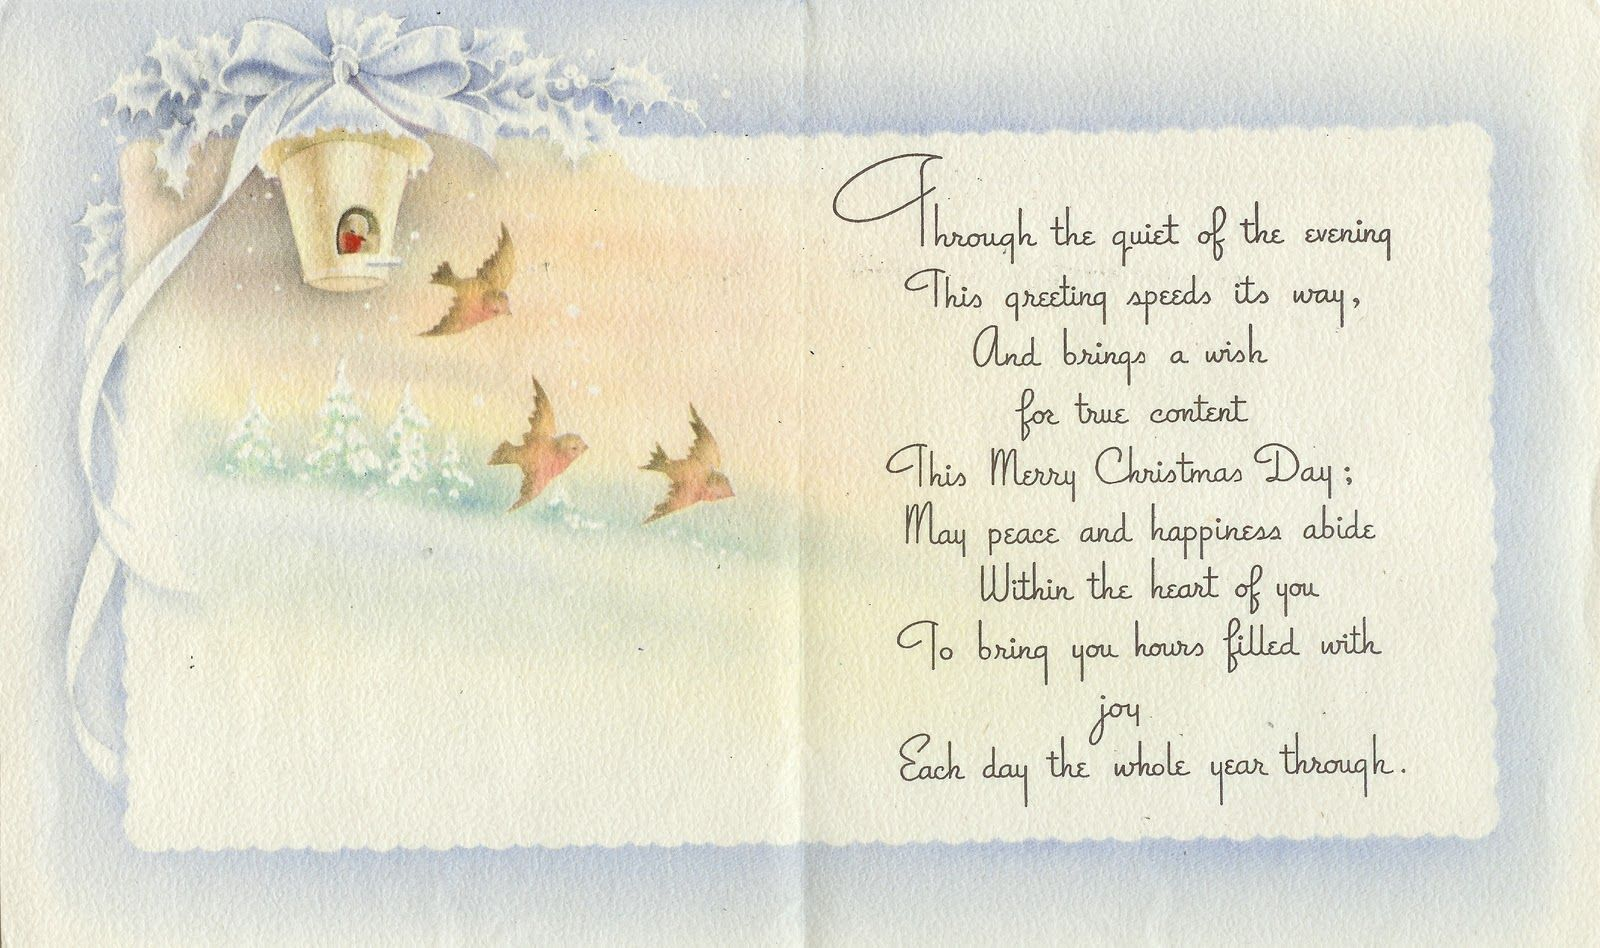 Christmas Card Sayings Wanted To Share This Christmas Greeting I